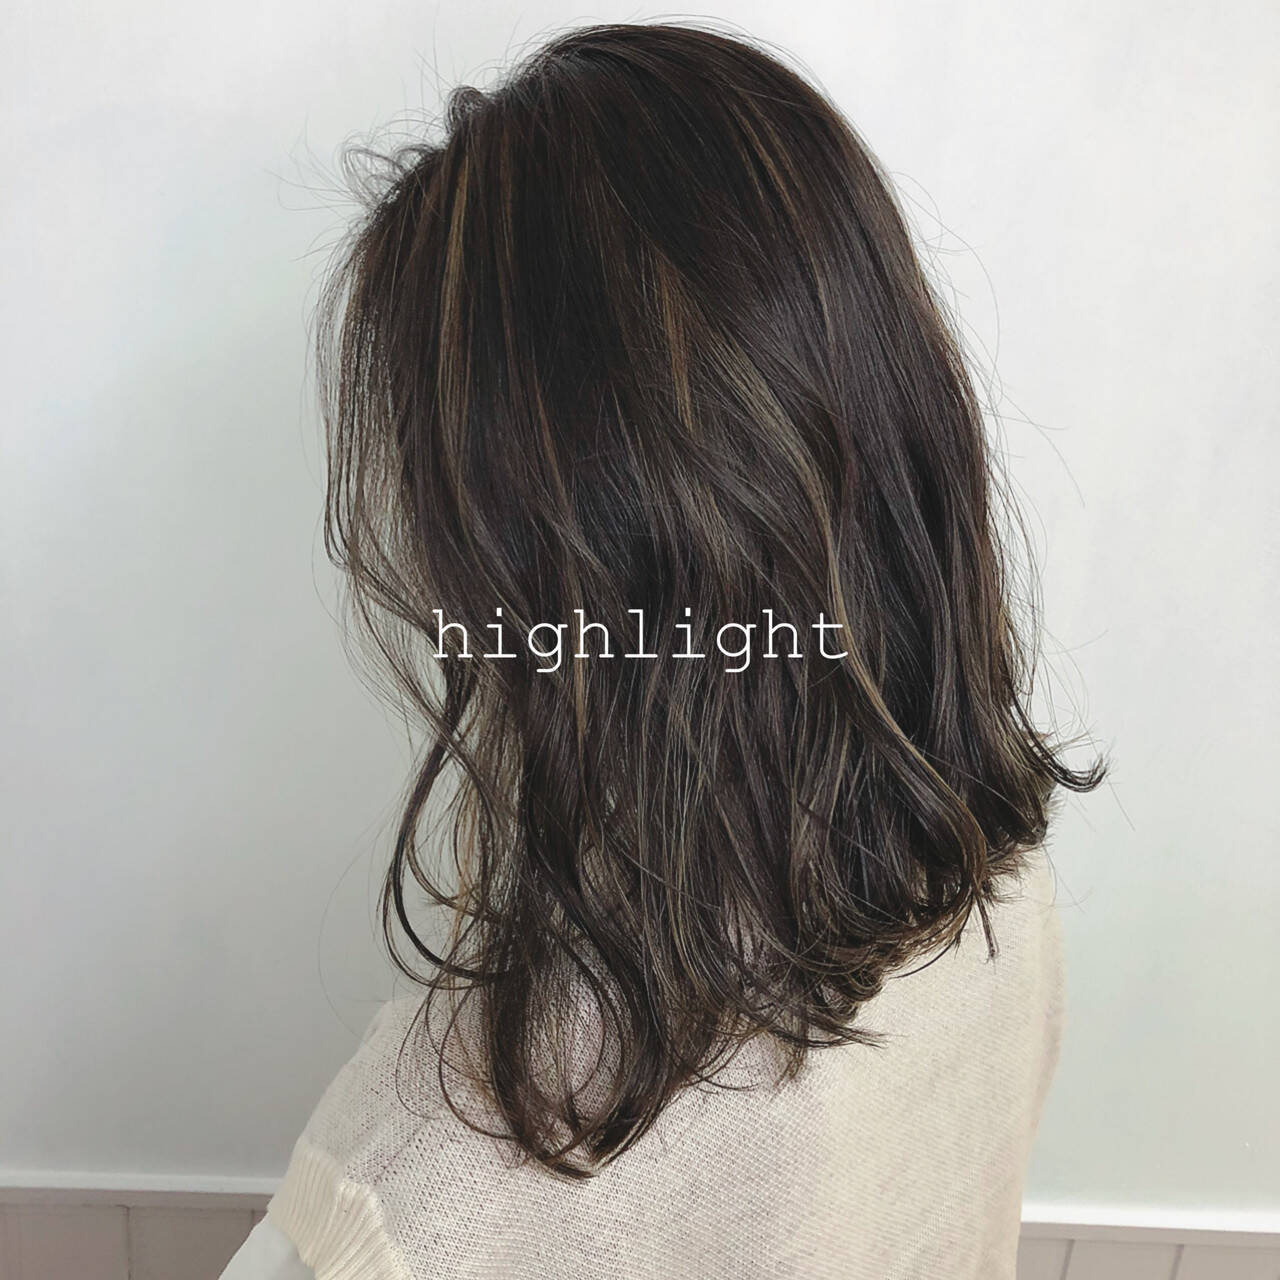 透明感カラー 外国人風カラー エレガント 3Dハイライトヘアスタイルや髪型の写真・画像